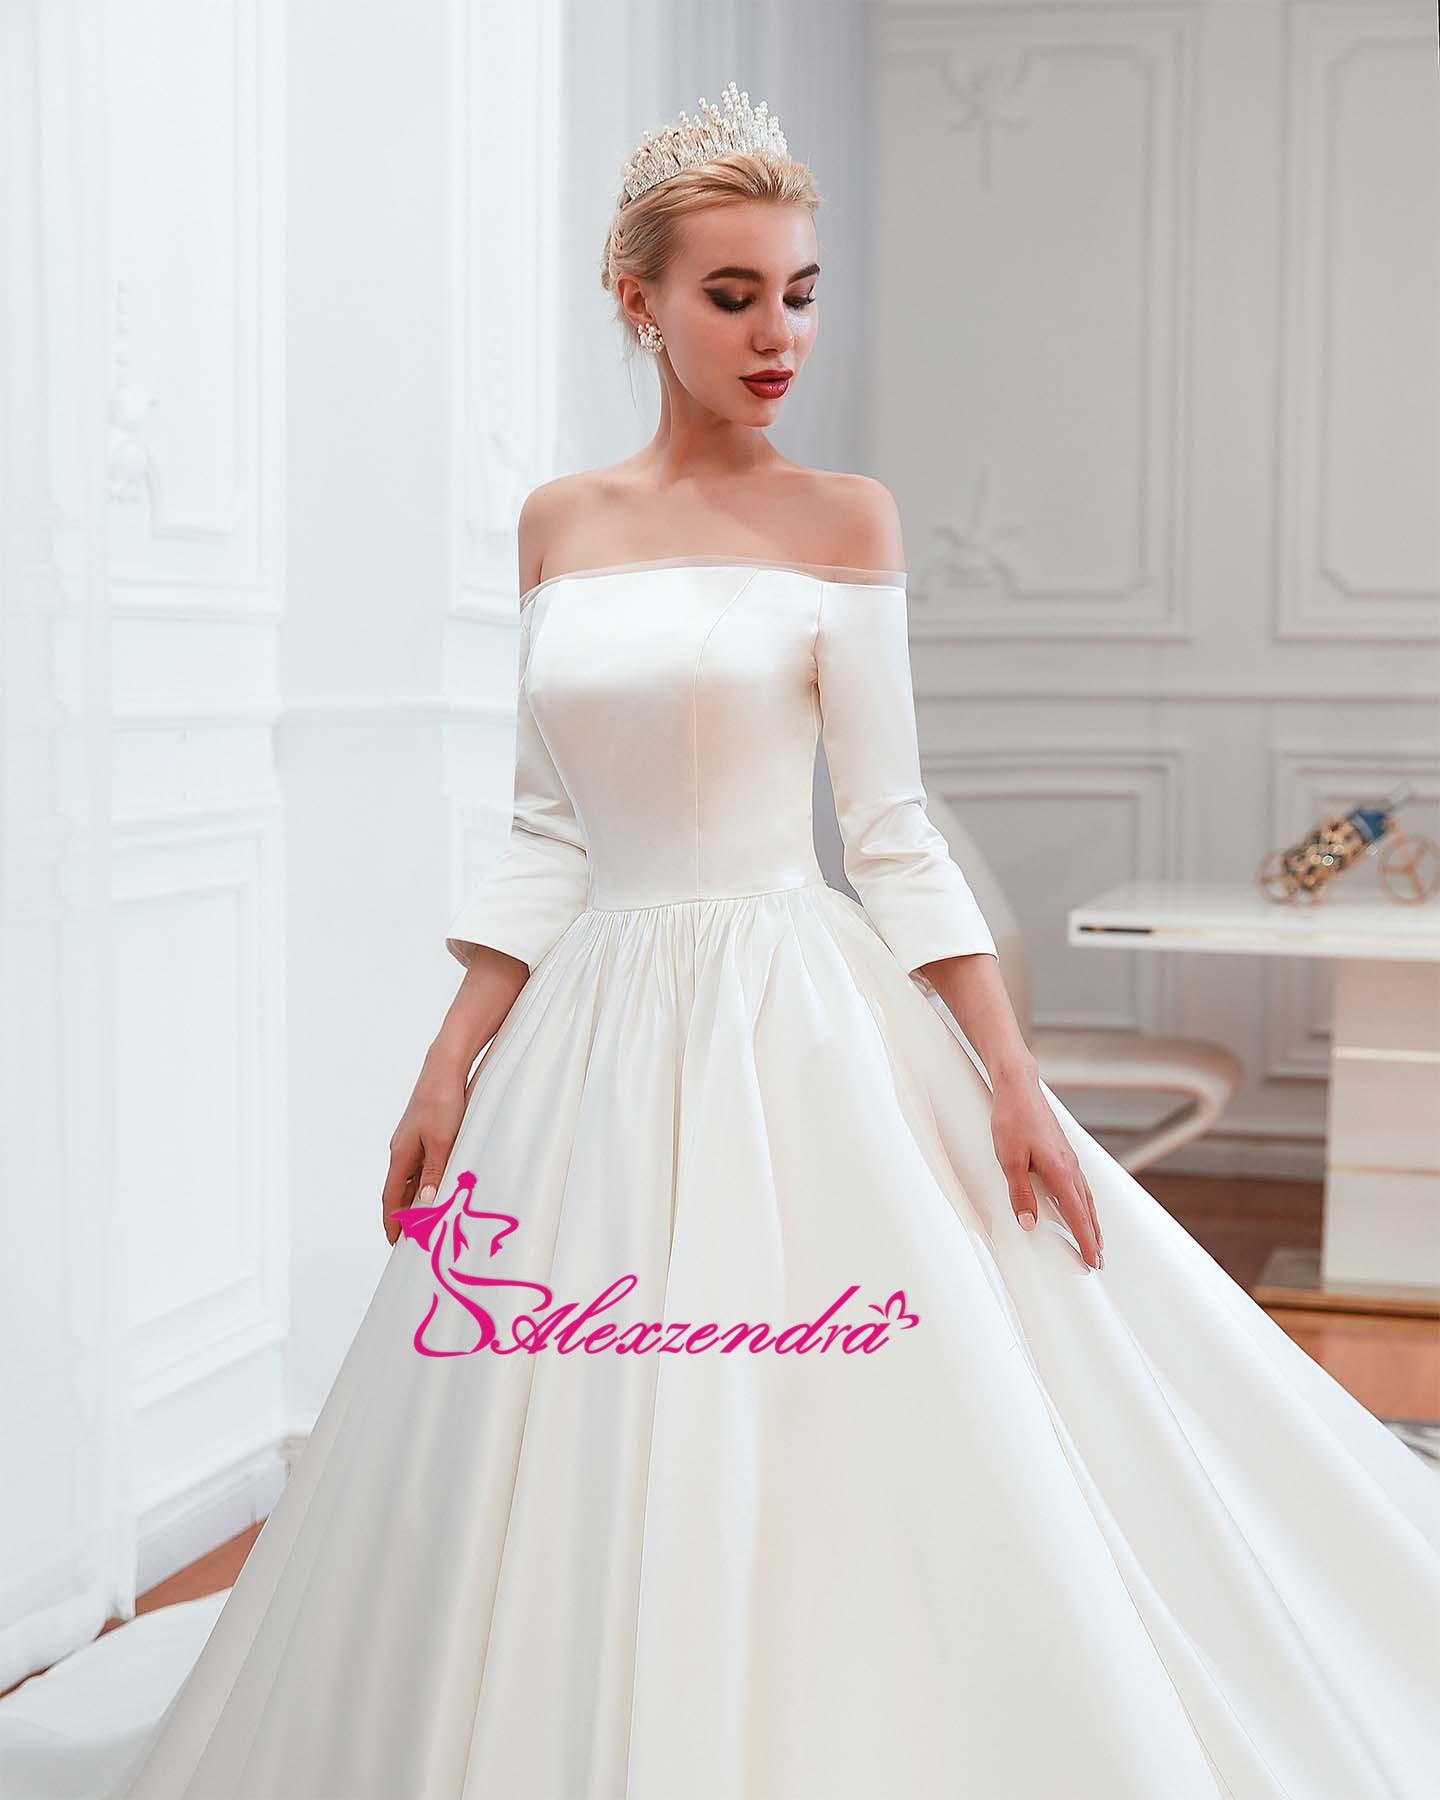 Alexzendra robe de bal en Tulle brillant robes de mariée élégantes pour la mariée perlée ceinture Vintage princesse mariée robes de grande taille - 4